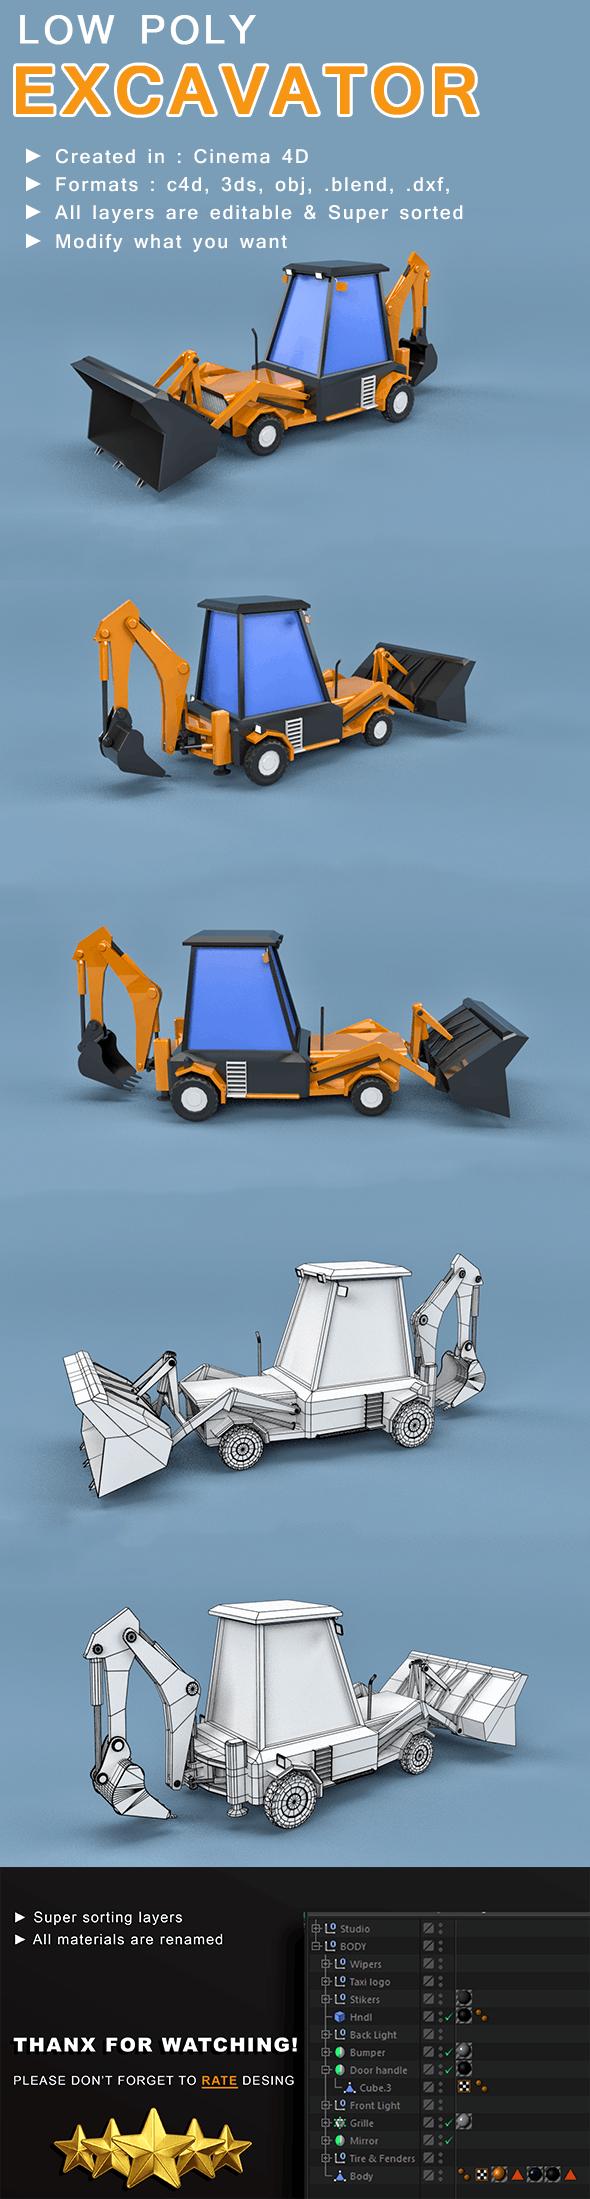 Low Poly Excavator Loader - 3DOcean Item for Sale